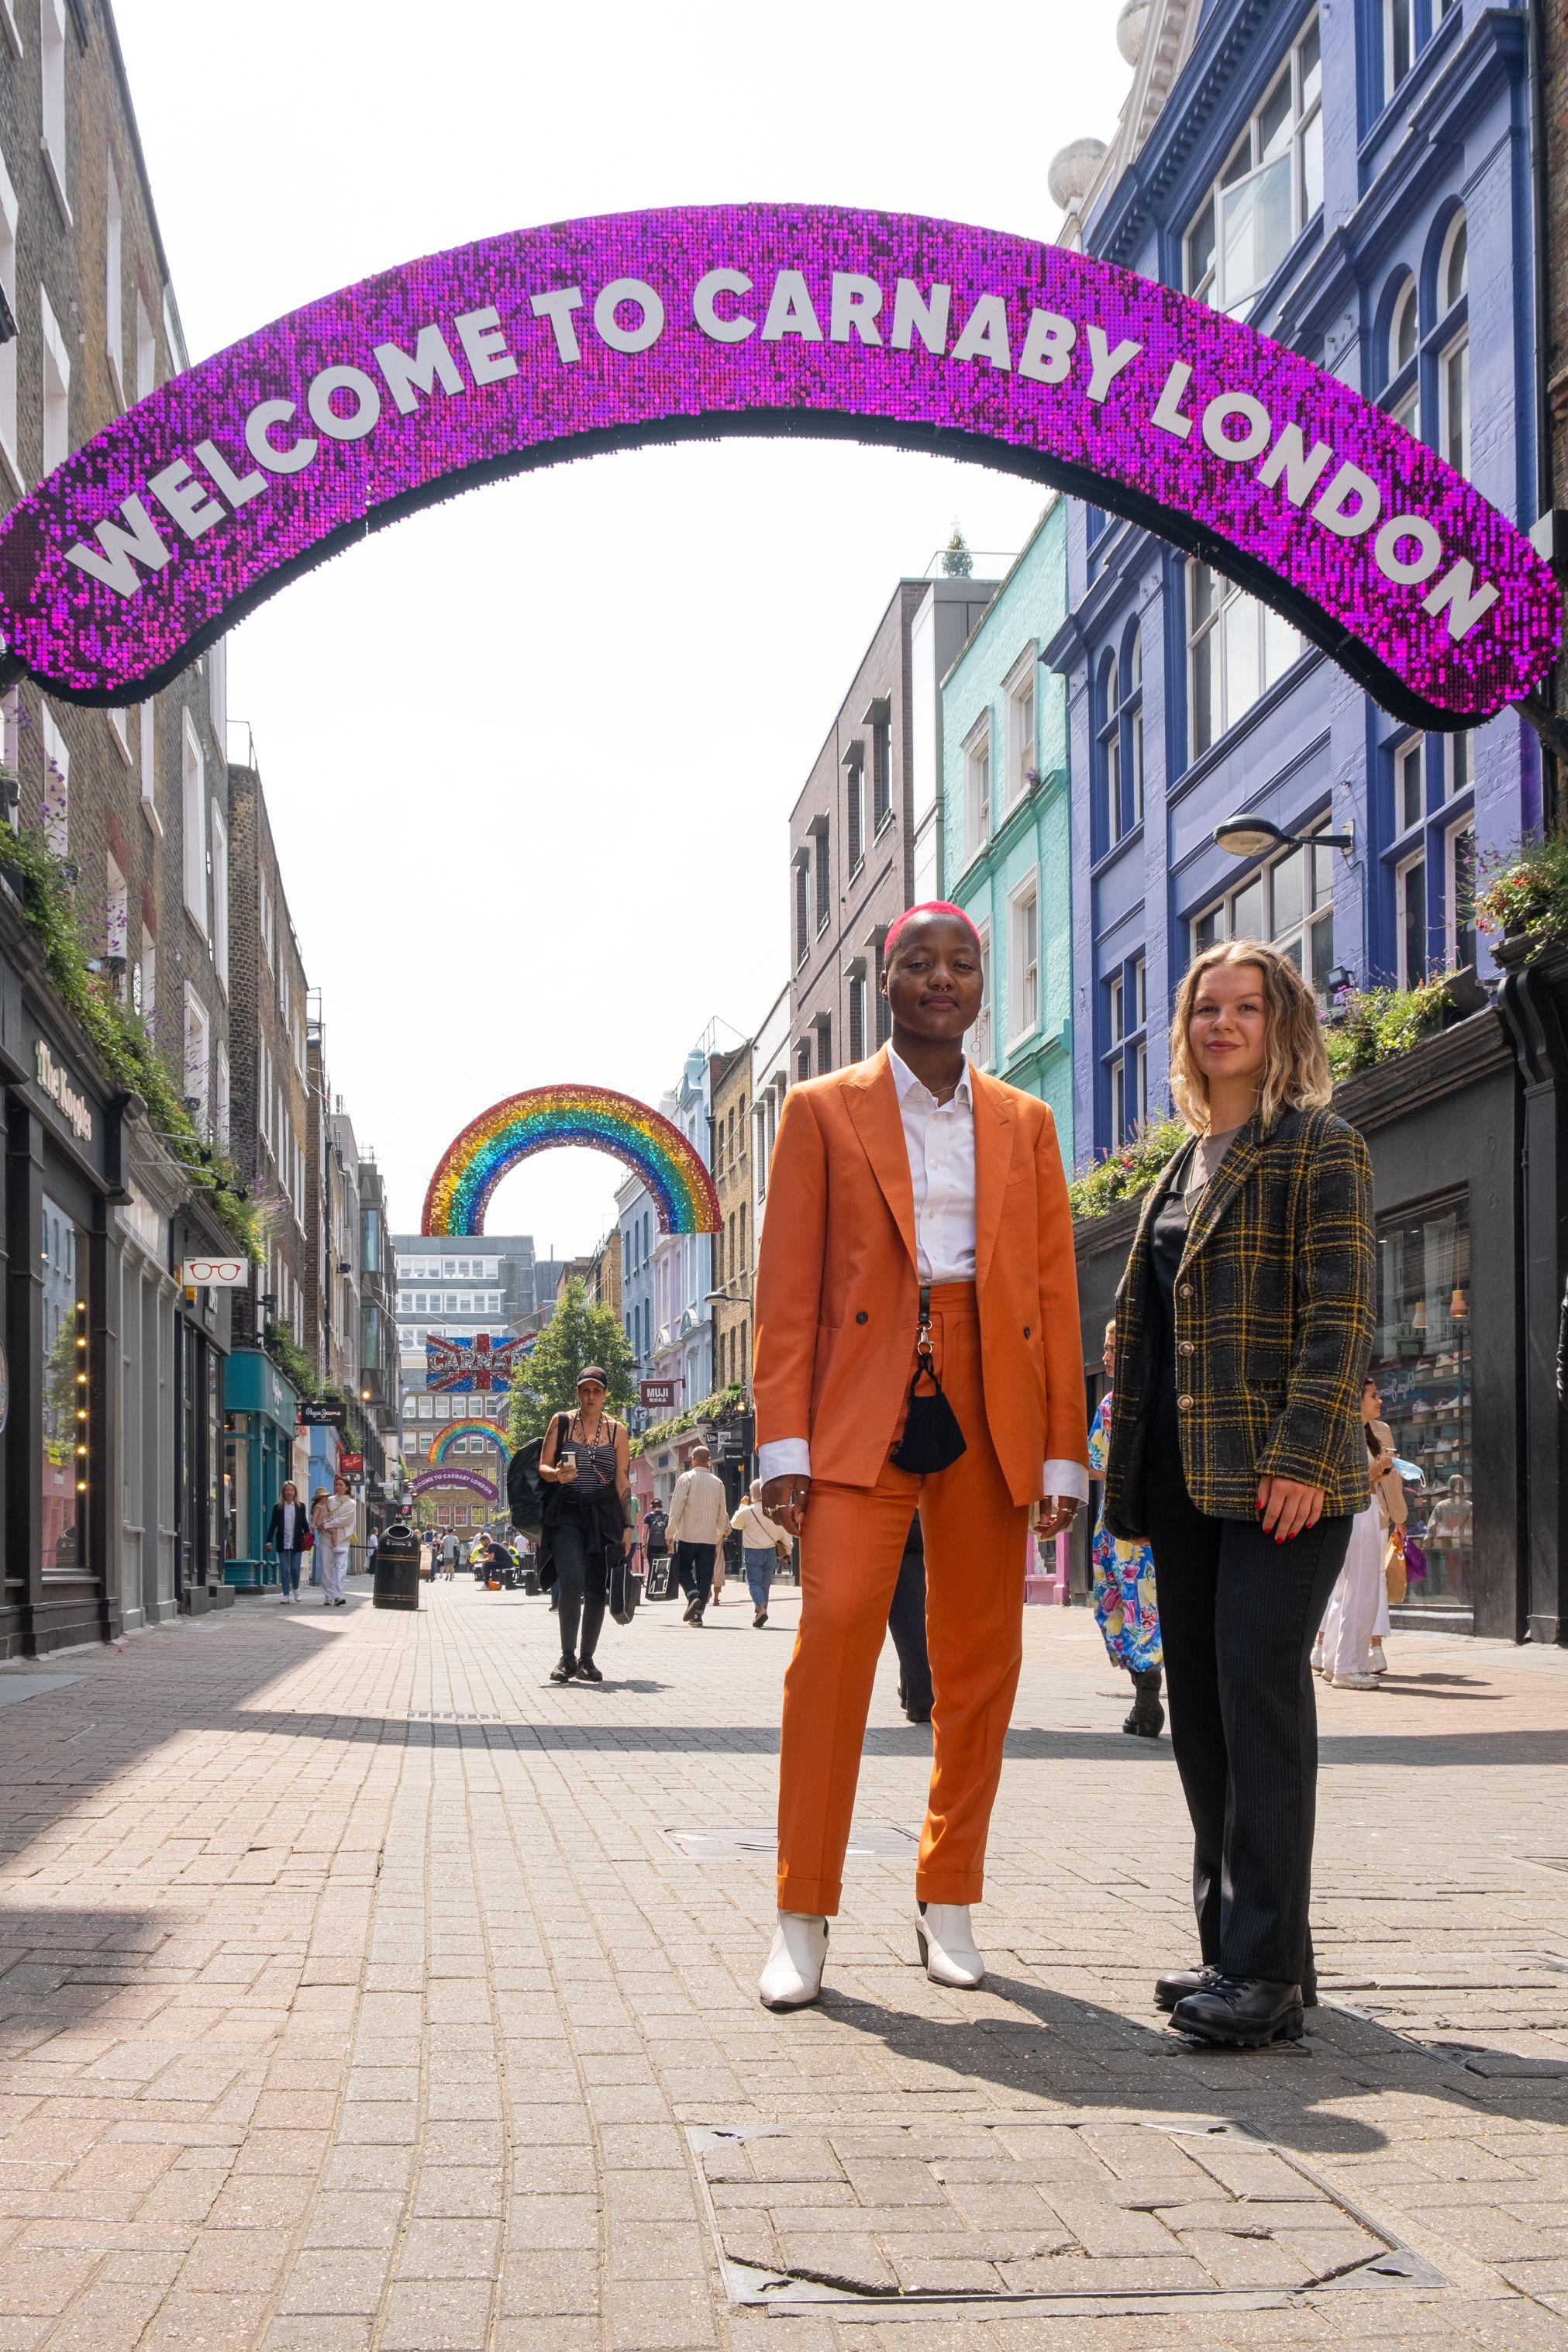 Photo of Takudzwa Chigaduro and Leisha Parlour standing in Carnaby Street